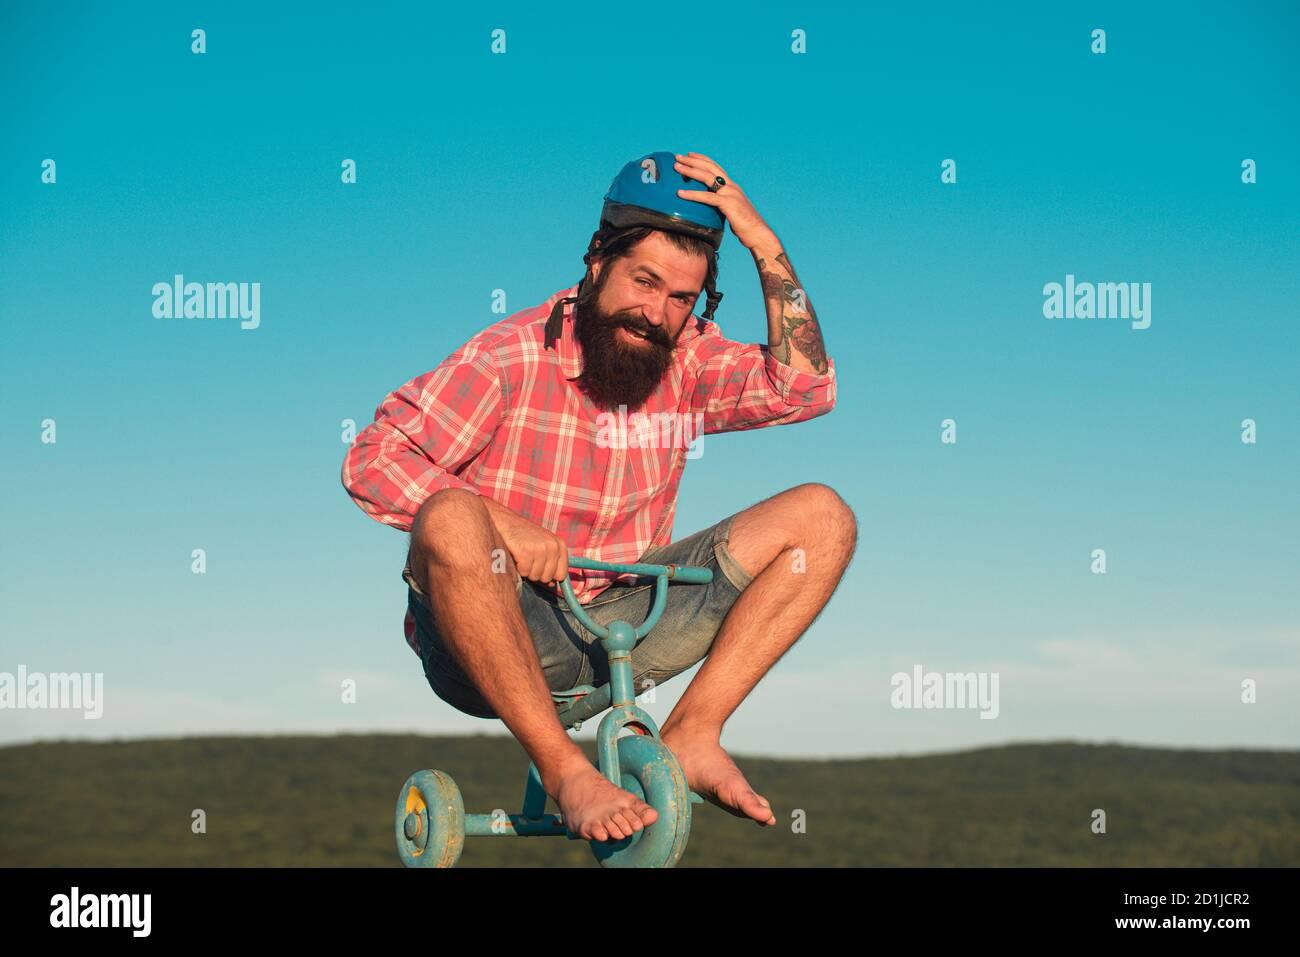 Guy tricycle d'équitation pour enfants. Vélo rider drôle. Comic man à vélo. Banque D'Images